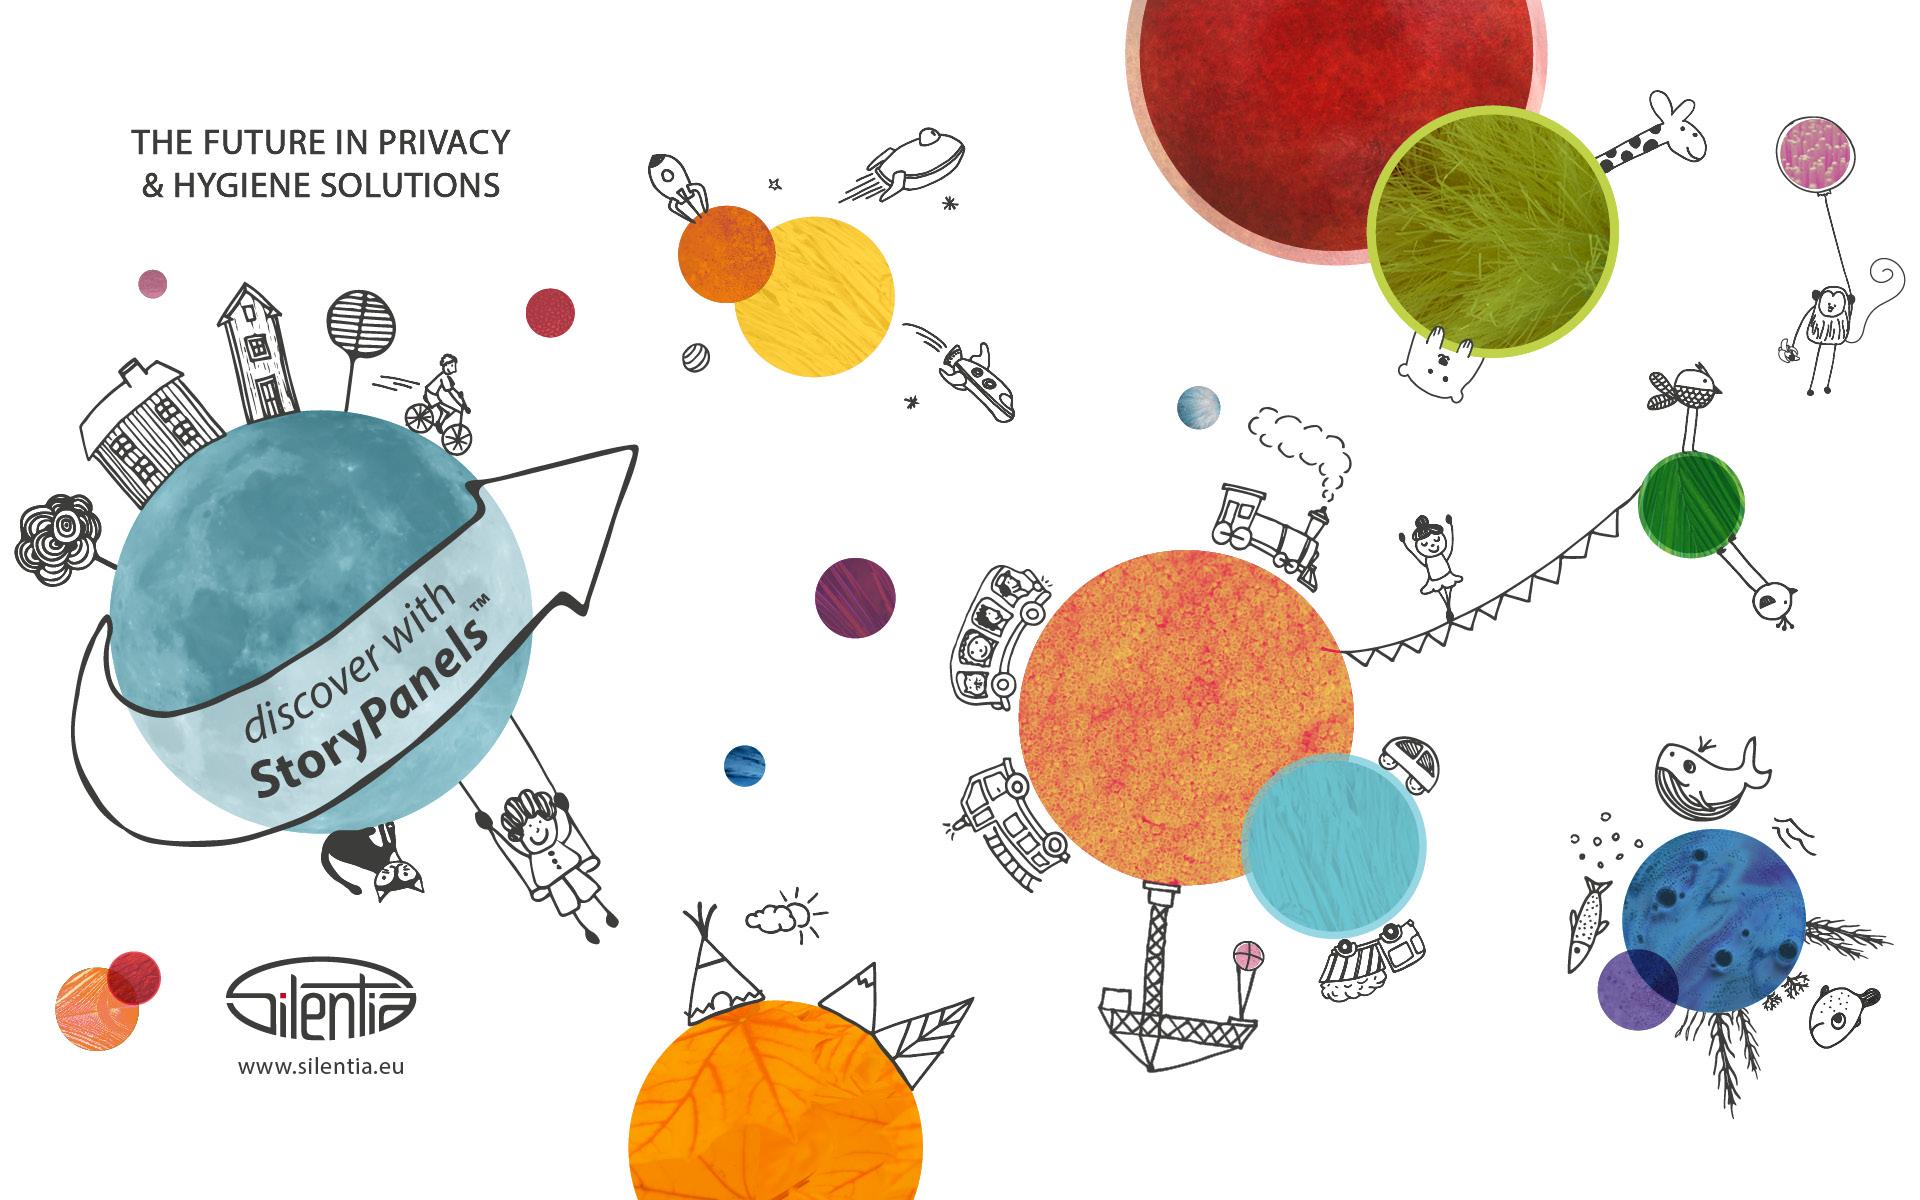 Story Panels: Grafikdesign für Silentia von der Werbeagentur look! design